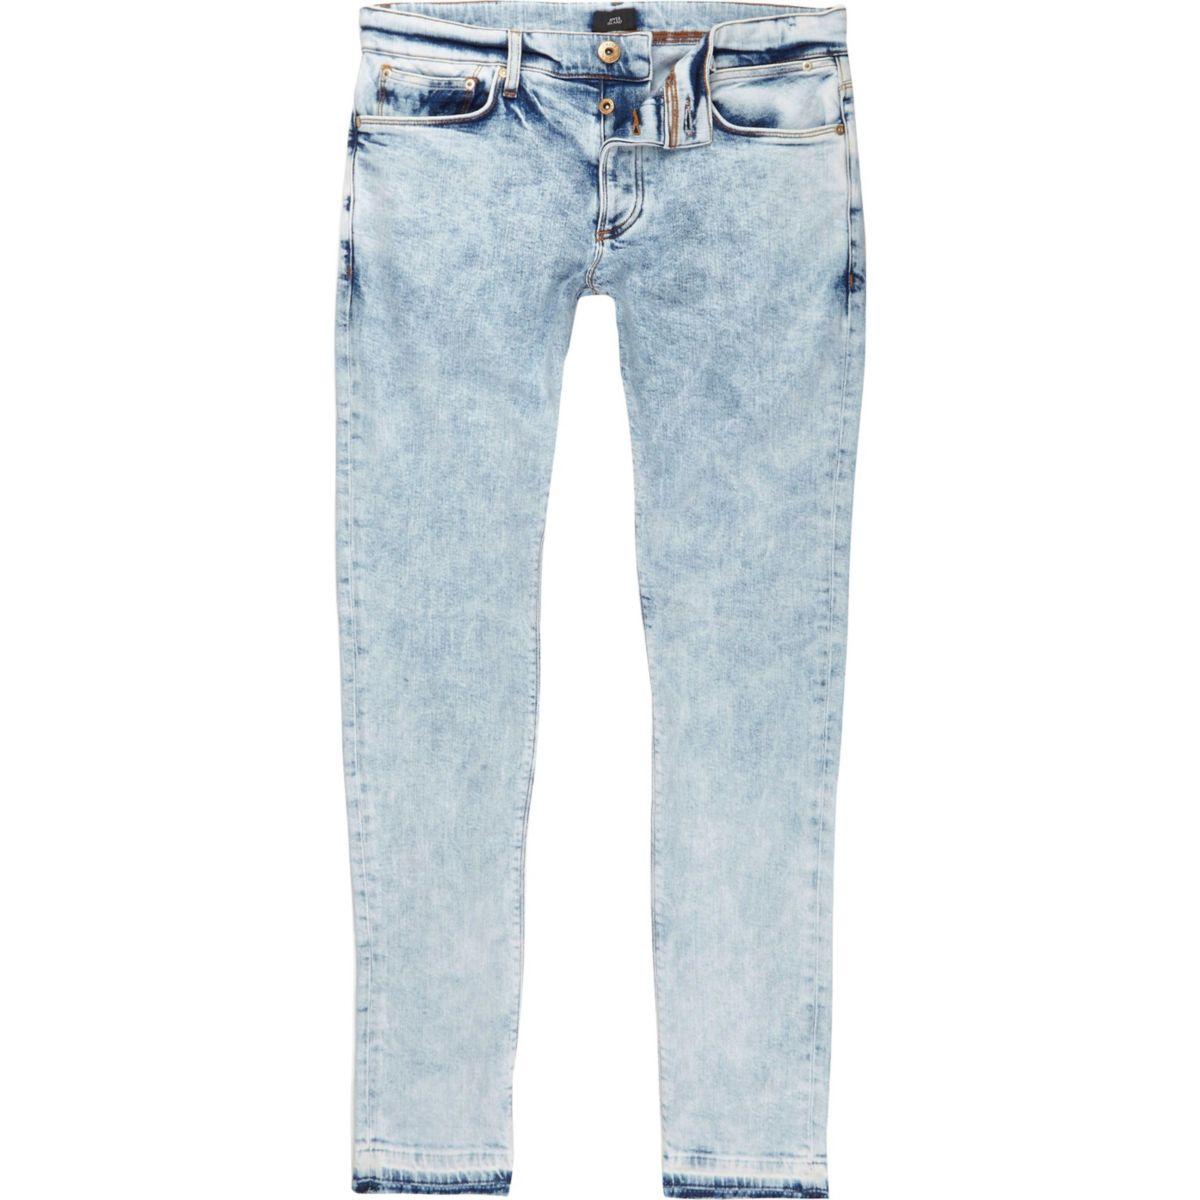 Mid blue Sid acid wash skinny jeans